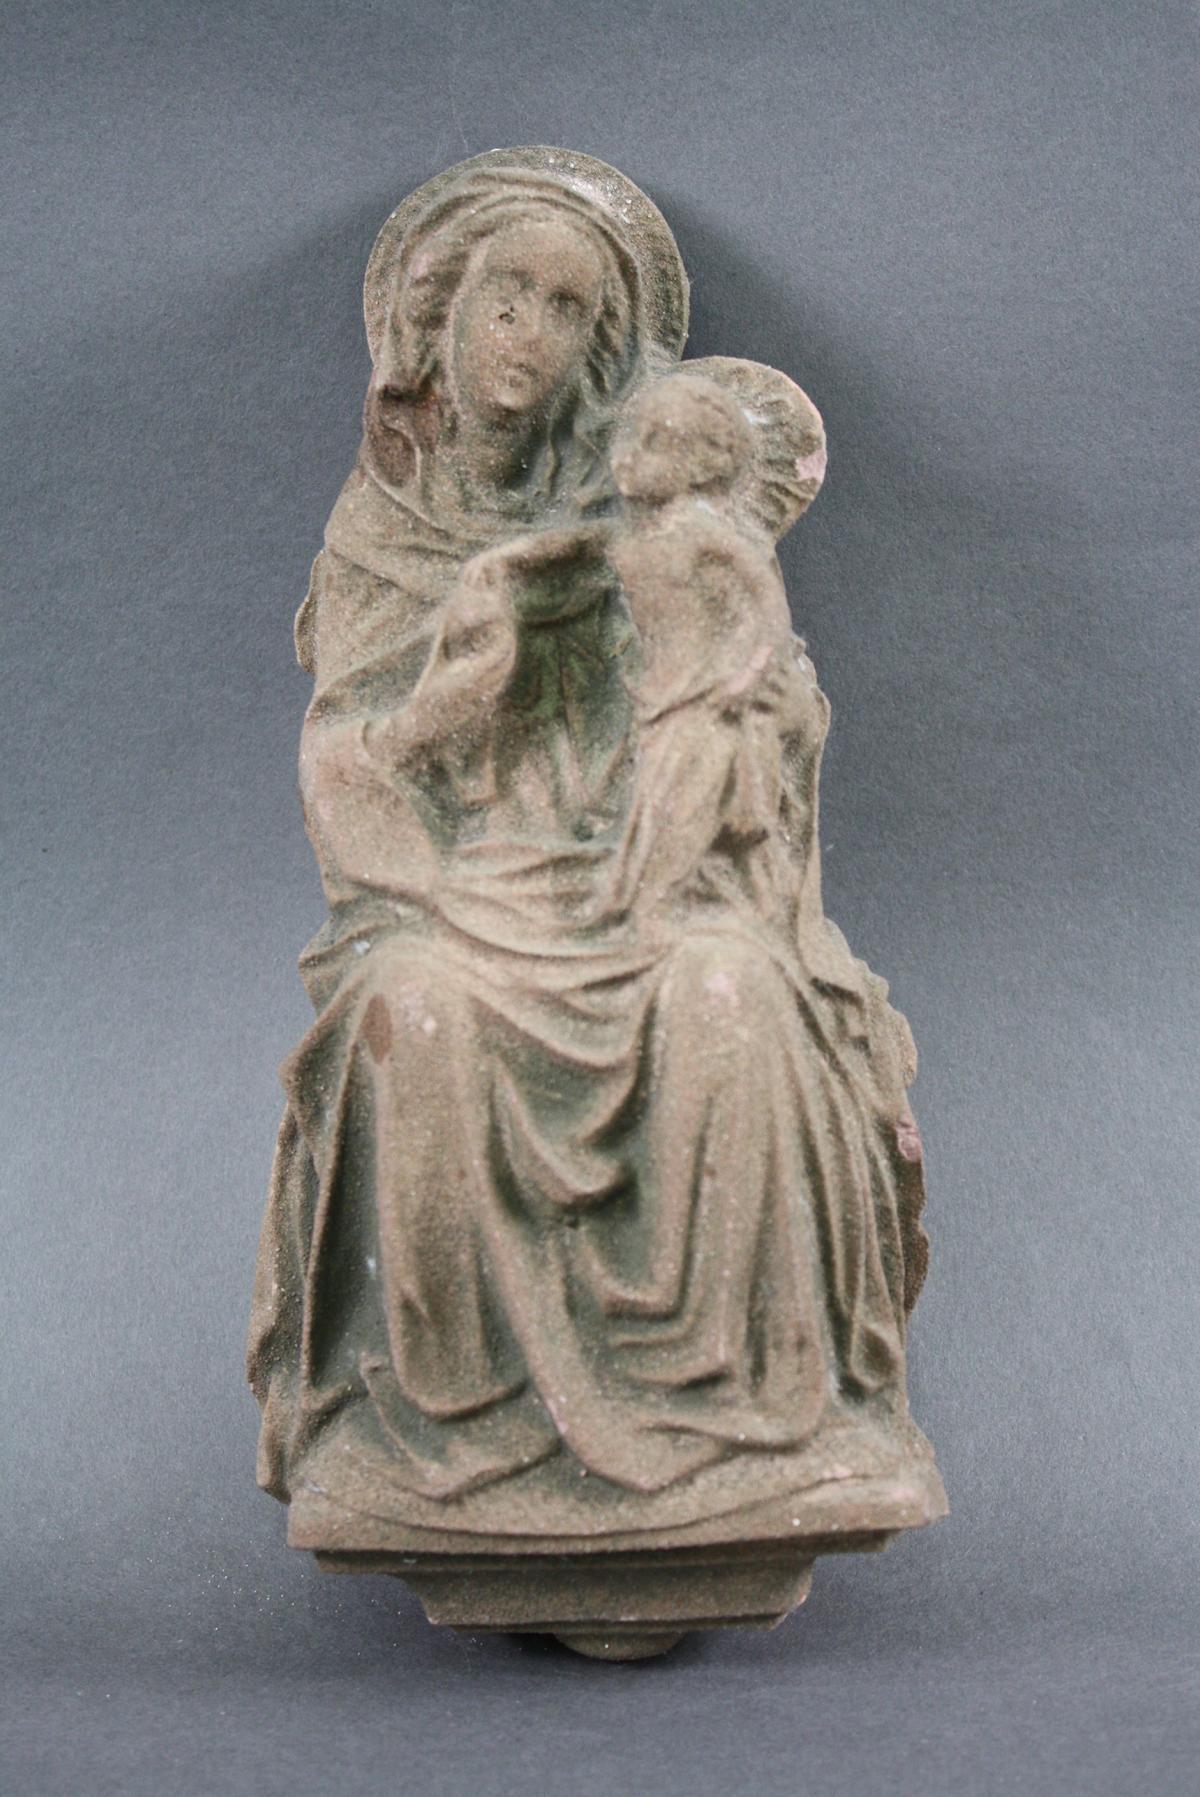 Kleines Terrakotta Wandrelief, sitzende Madonna mit Kind, 19. Jahrhundert